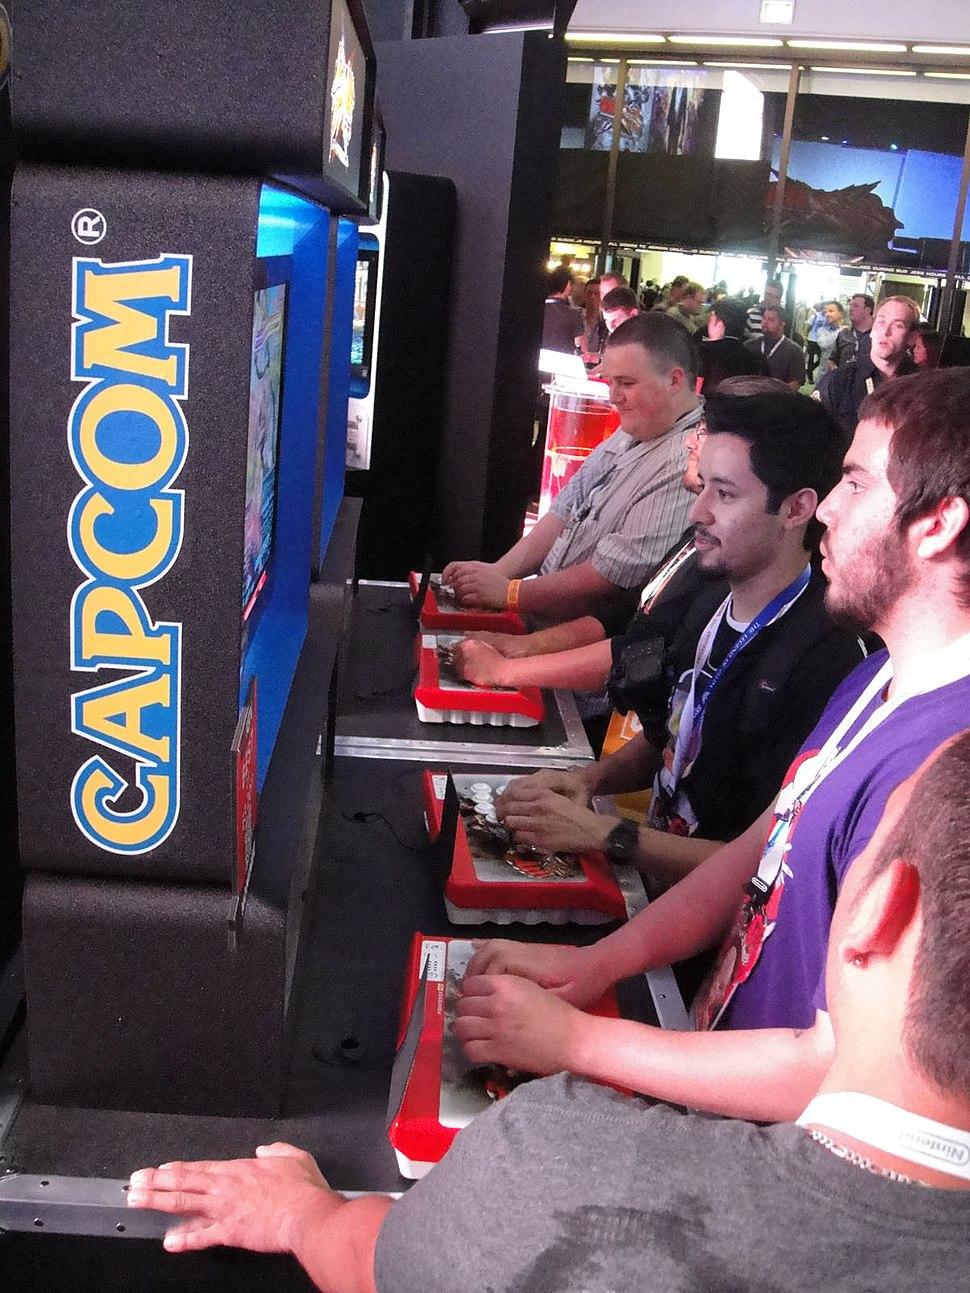 E3 2011 - playing Street Fighter vs Tekken (Capcom)